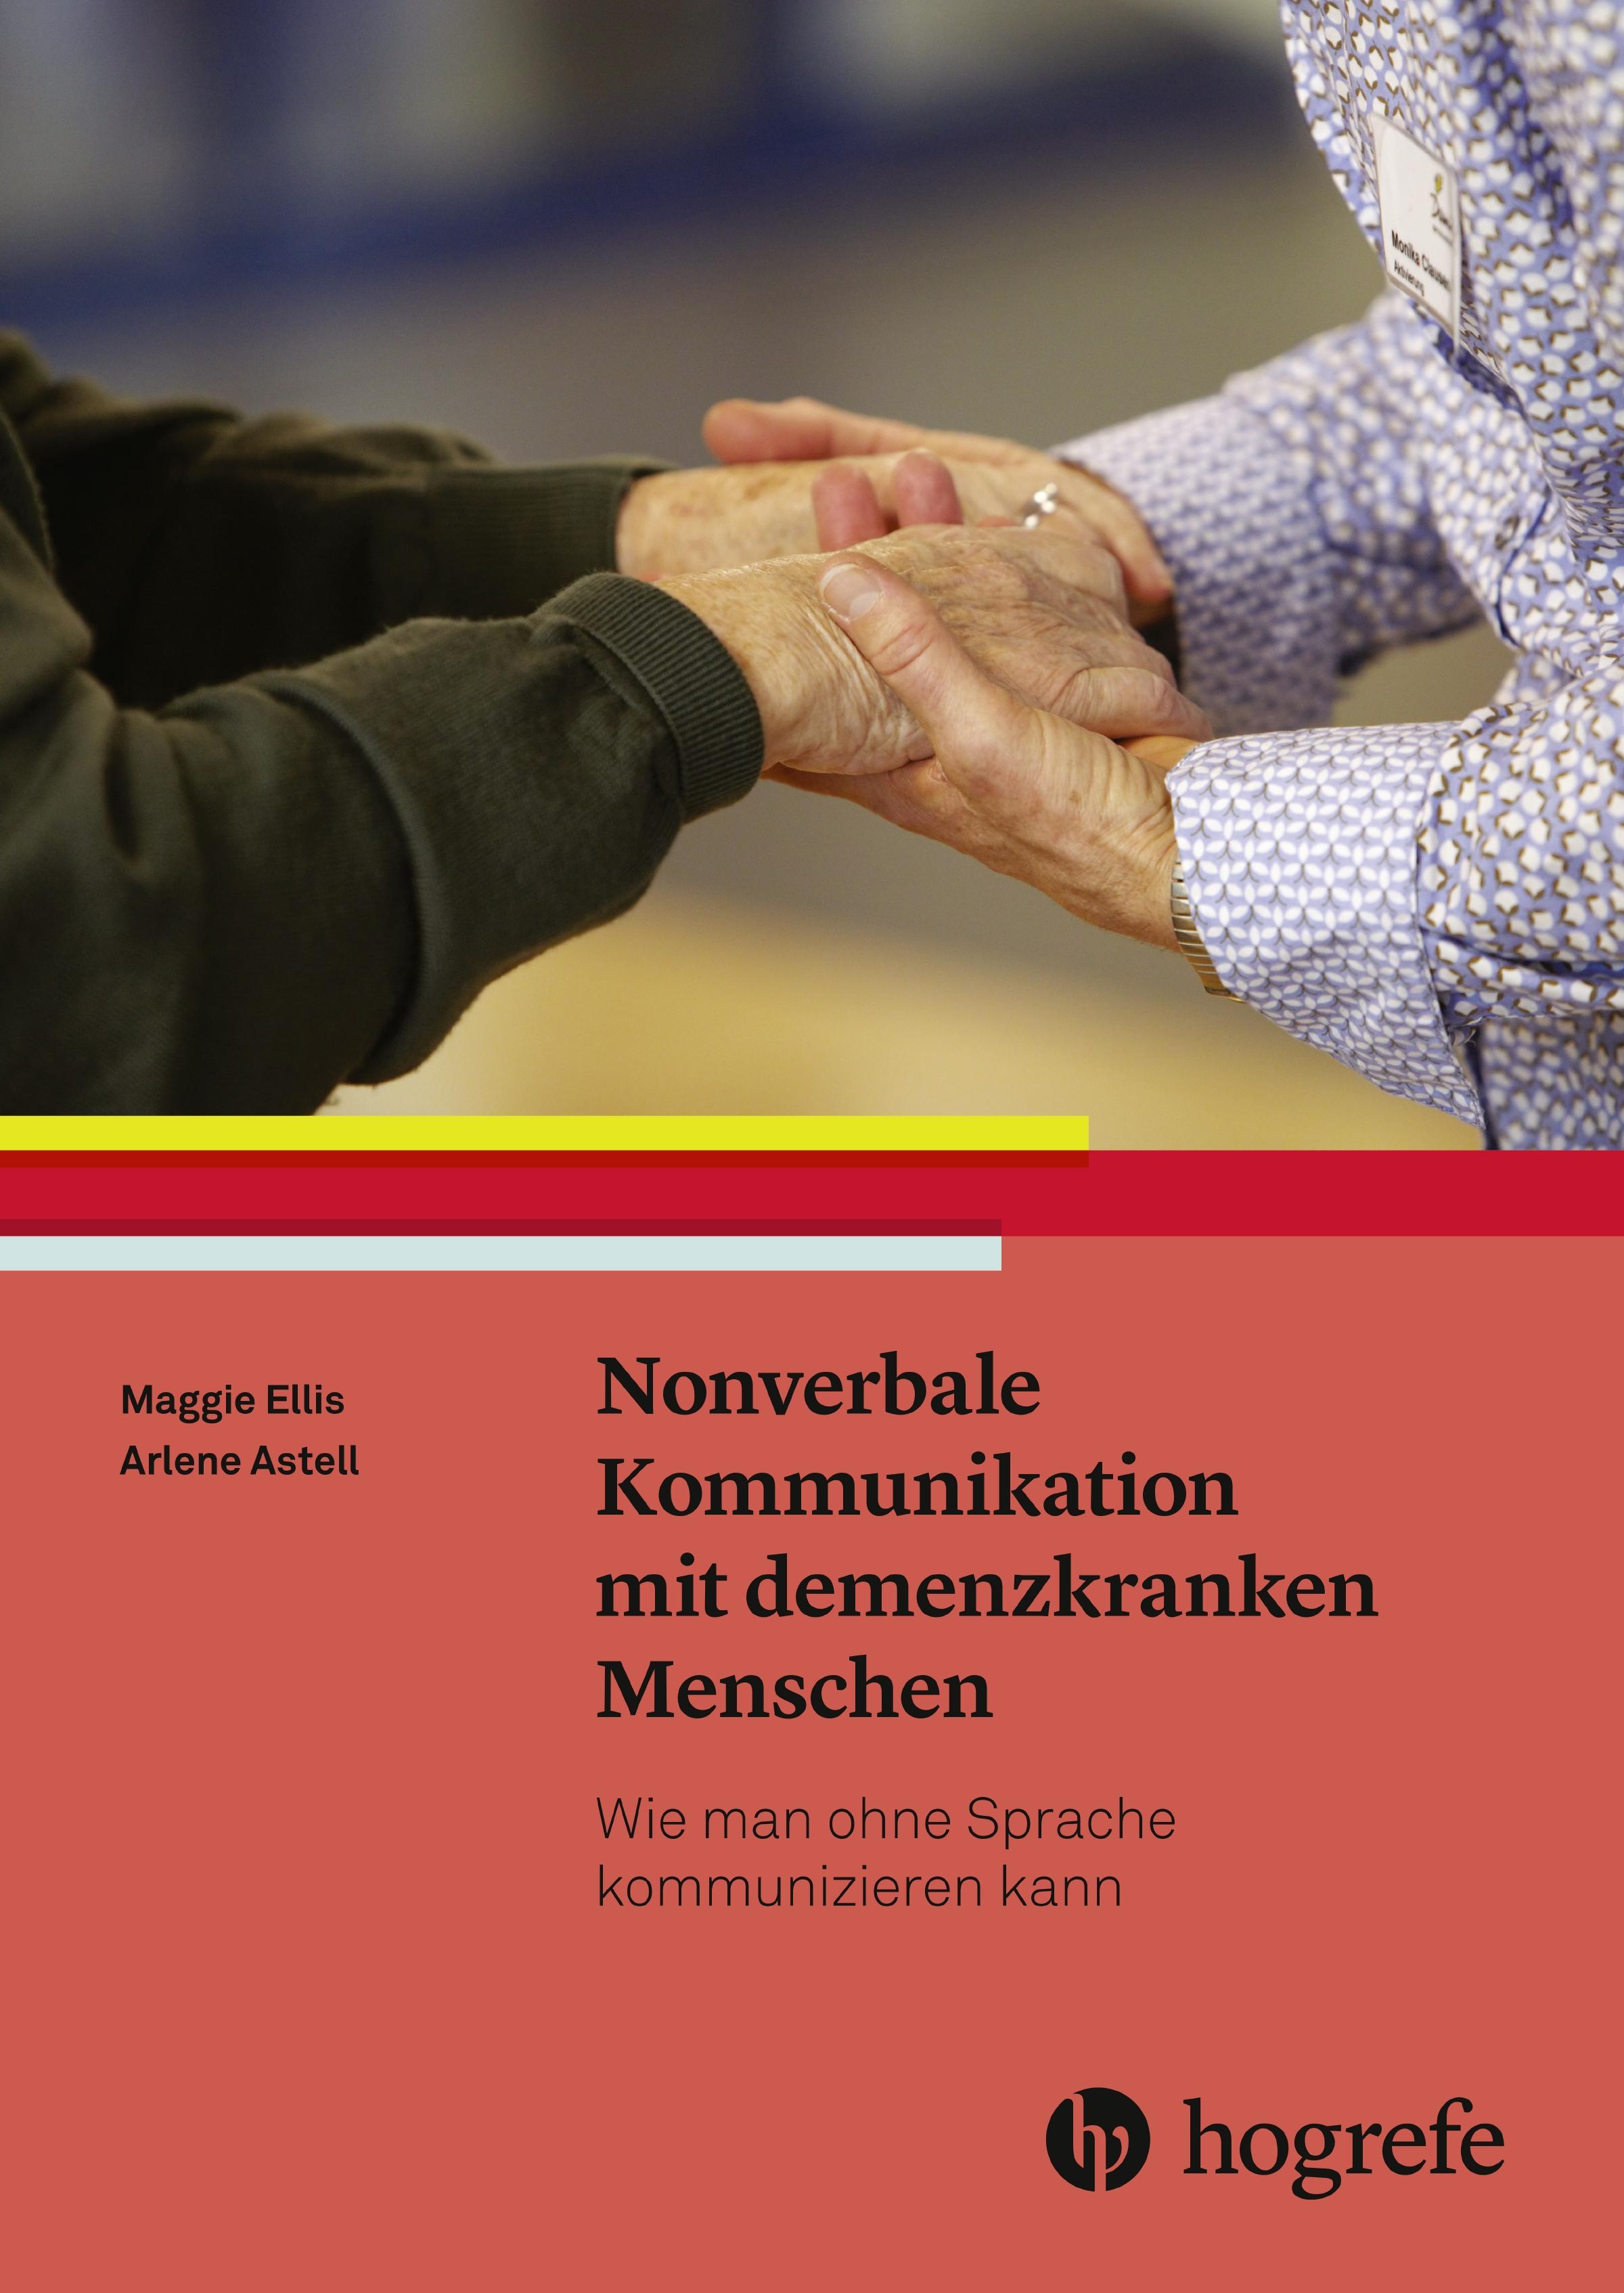 Medizin Schnelle Lieferung Neu Nonverbale Kommunikation Mit Demenzkranken Menschen Maggie Ellis 859354 Bücher